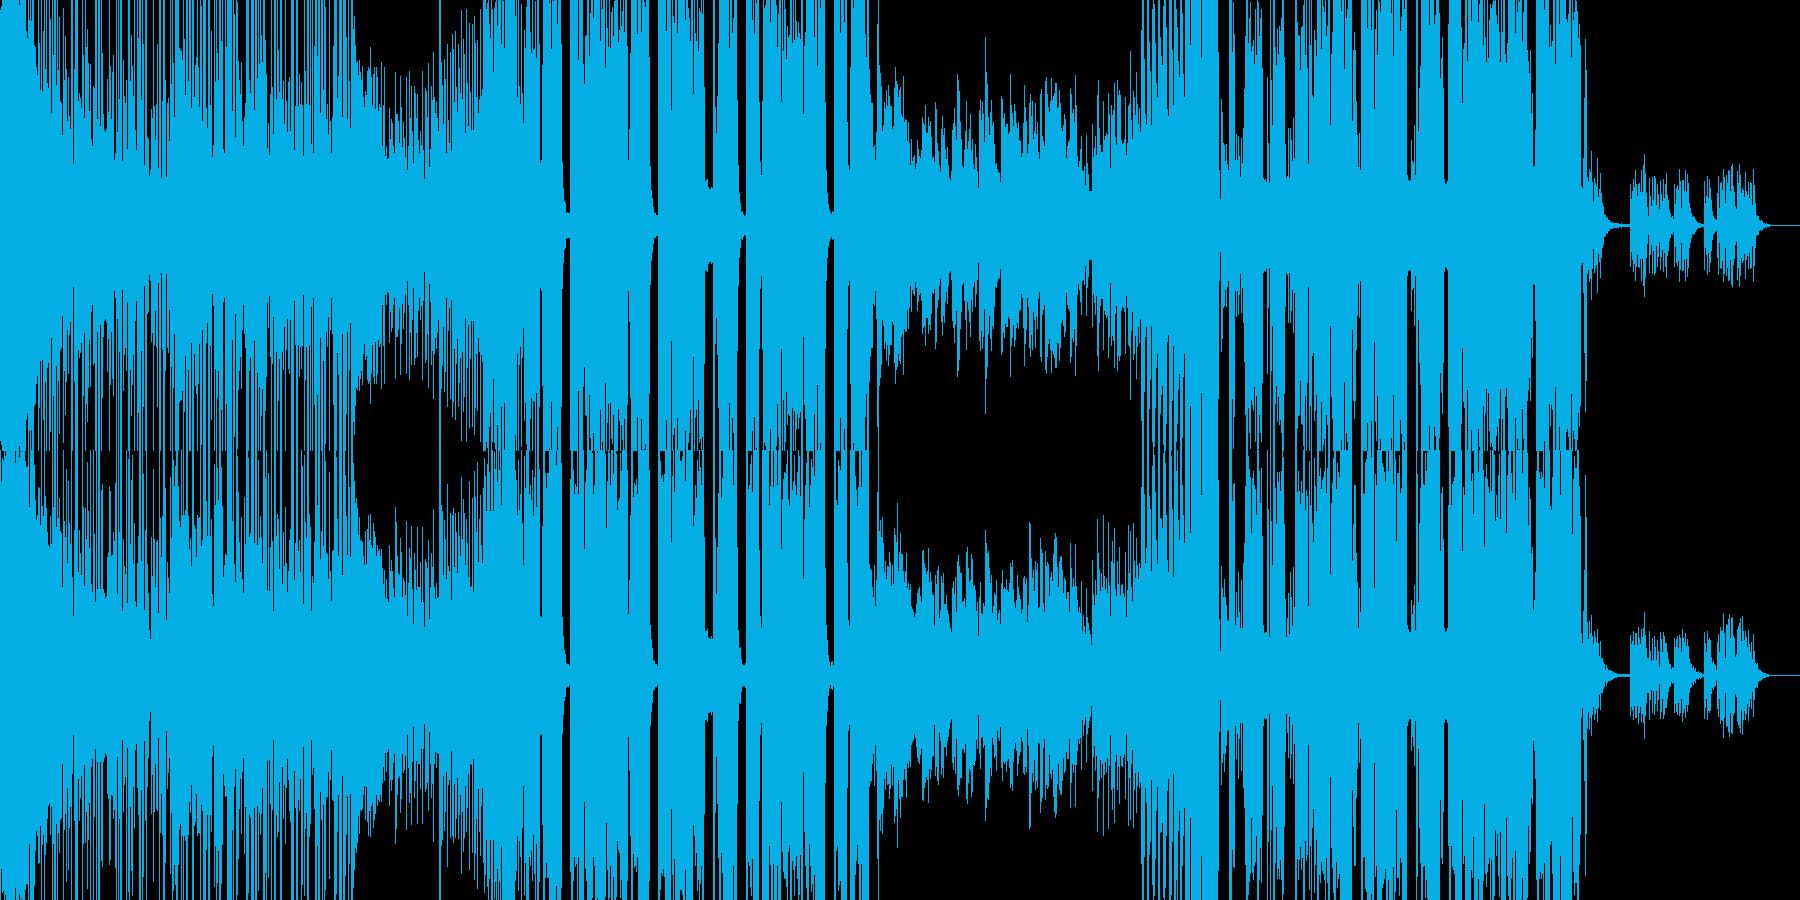 切ない雰囲気のクラブミュージックの再生済みの波形